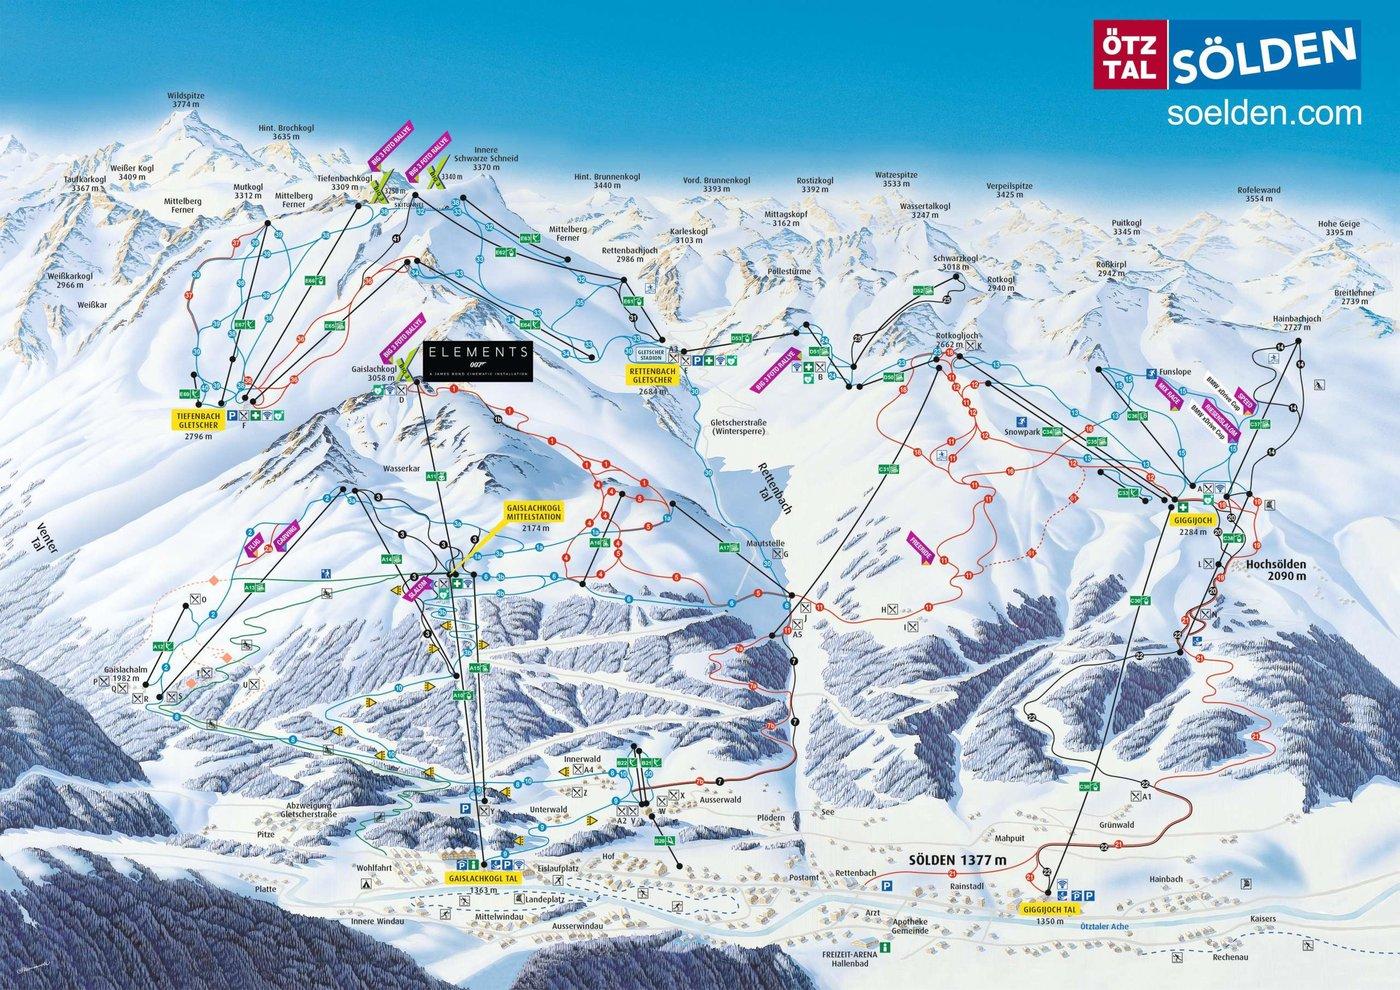 Sölden Trail Map